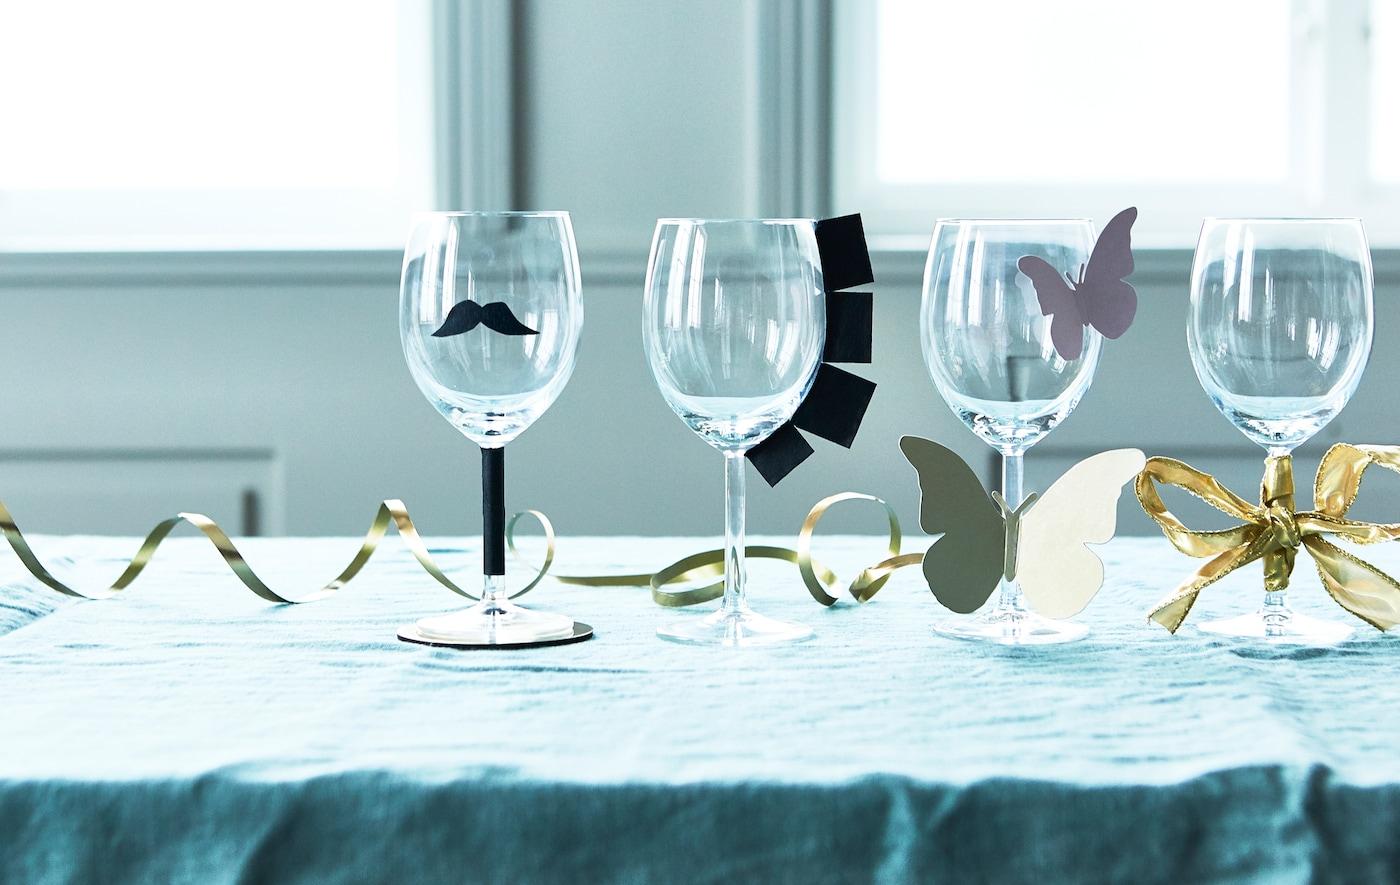 Weingläser, die mit Schnurr & Pappe wie Schmetterlinge, Bart etc. kreativ gestaltet wurden